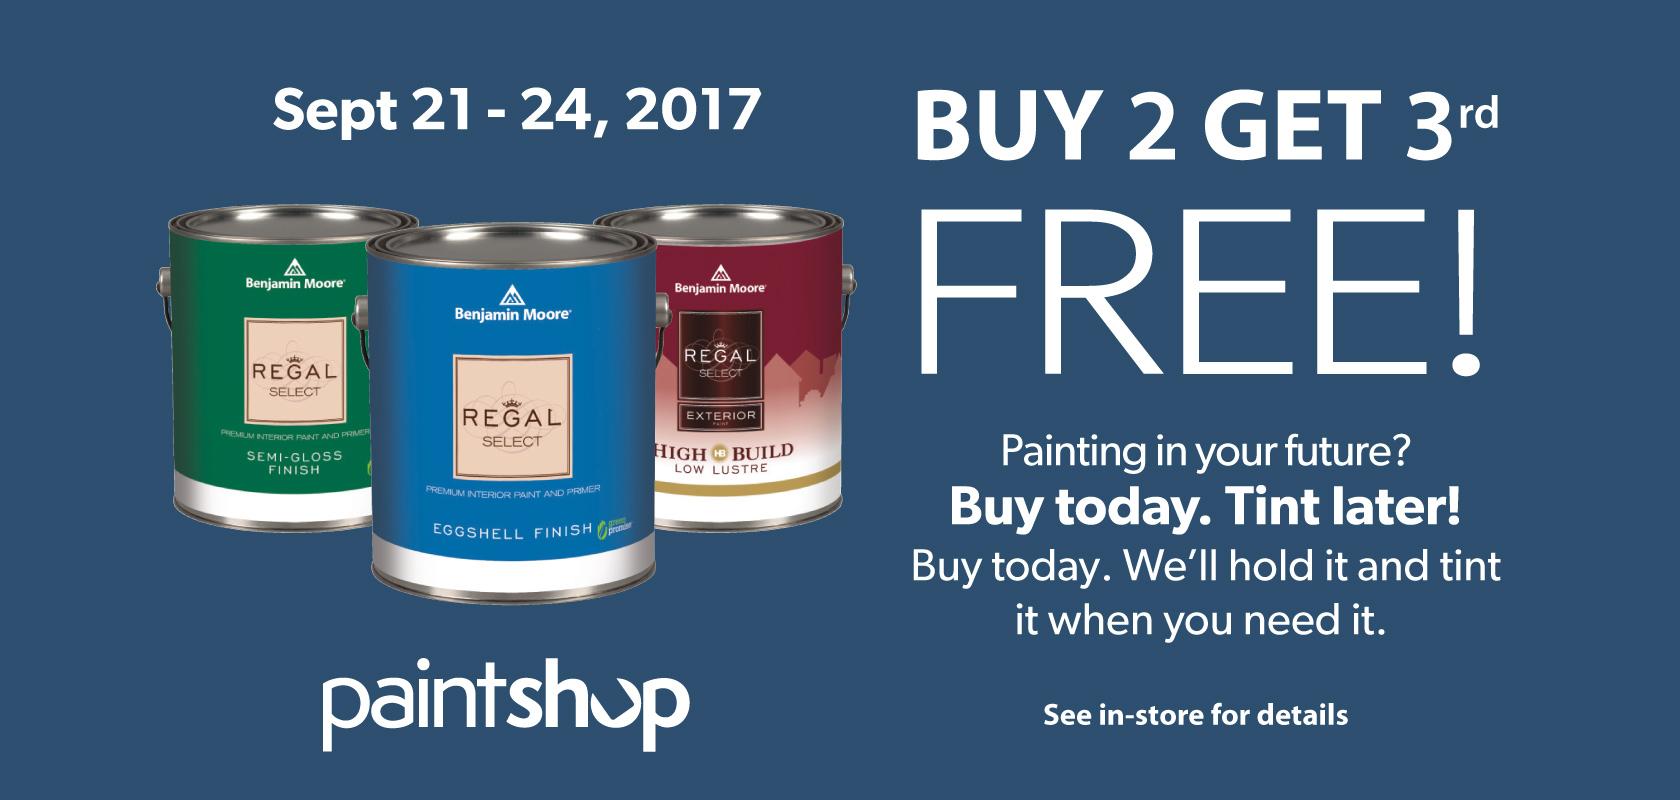 buy 2 get 3rd free Regal Paint Sale